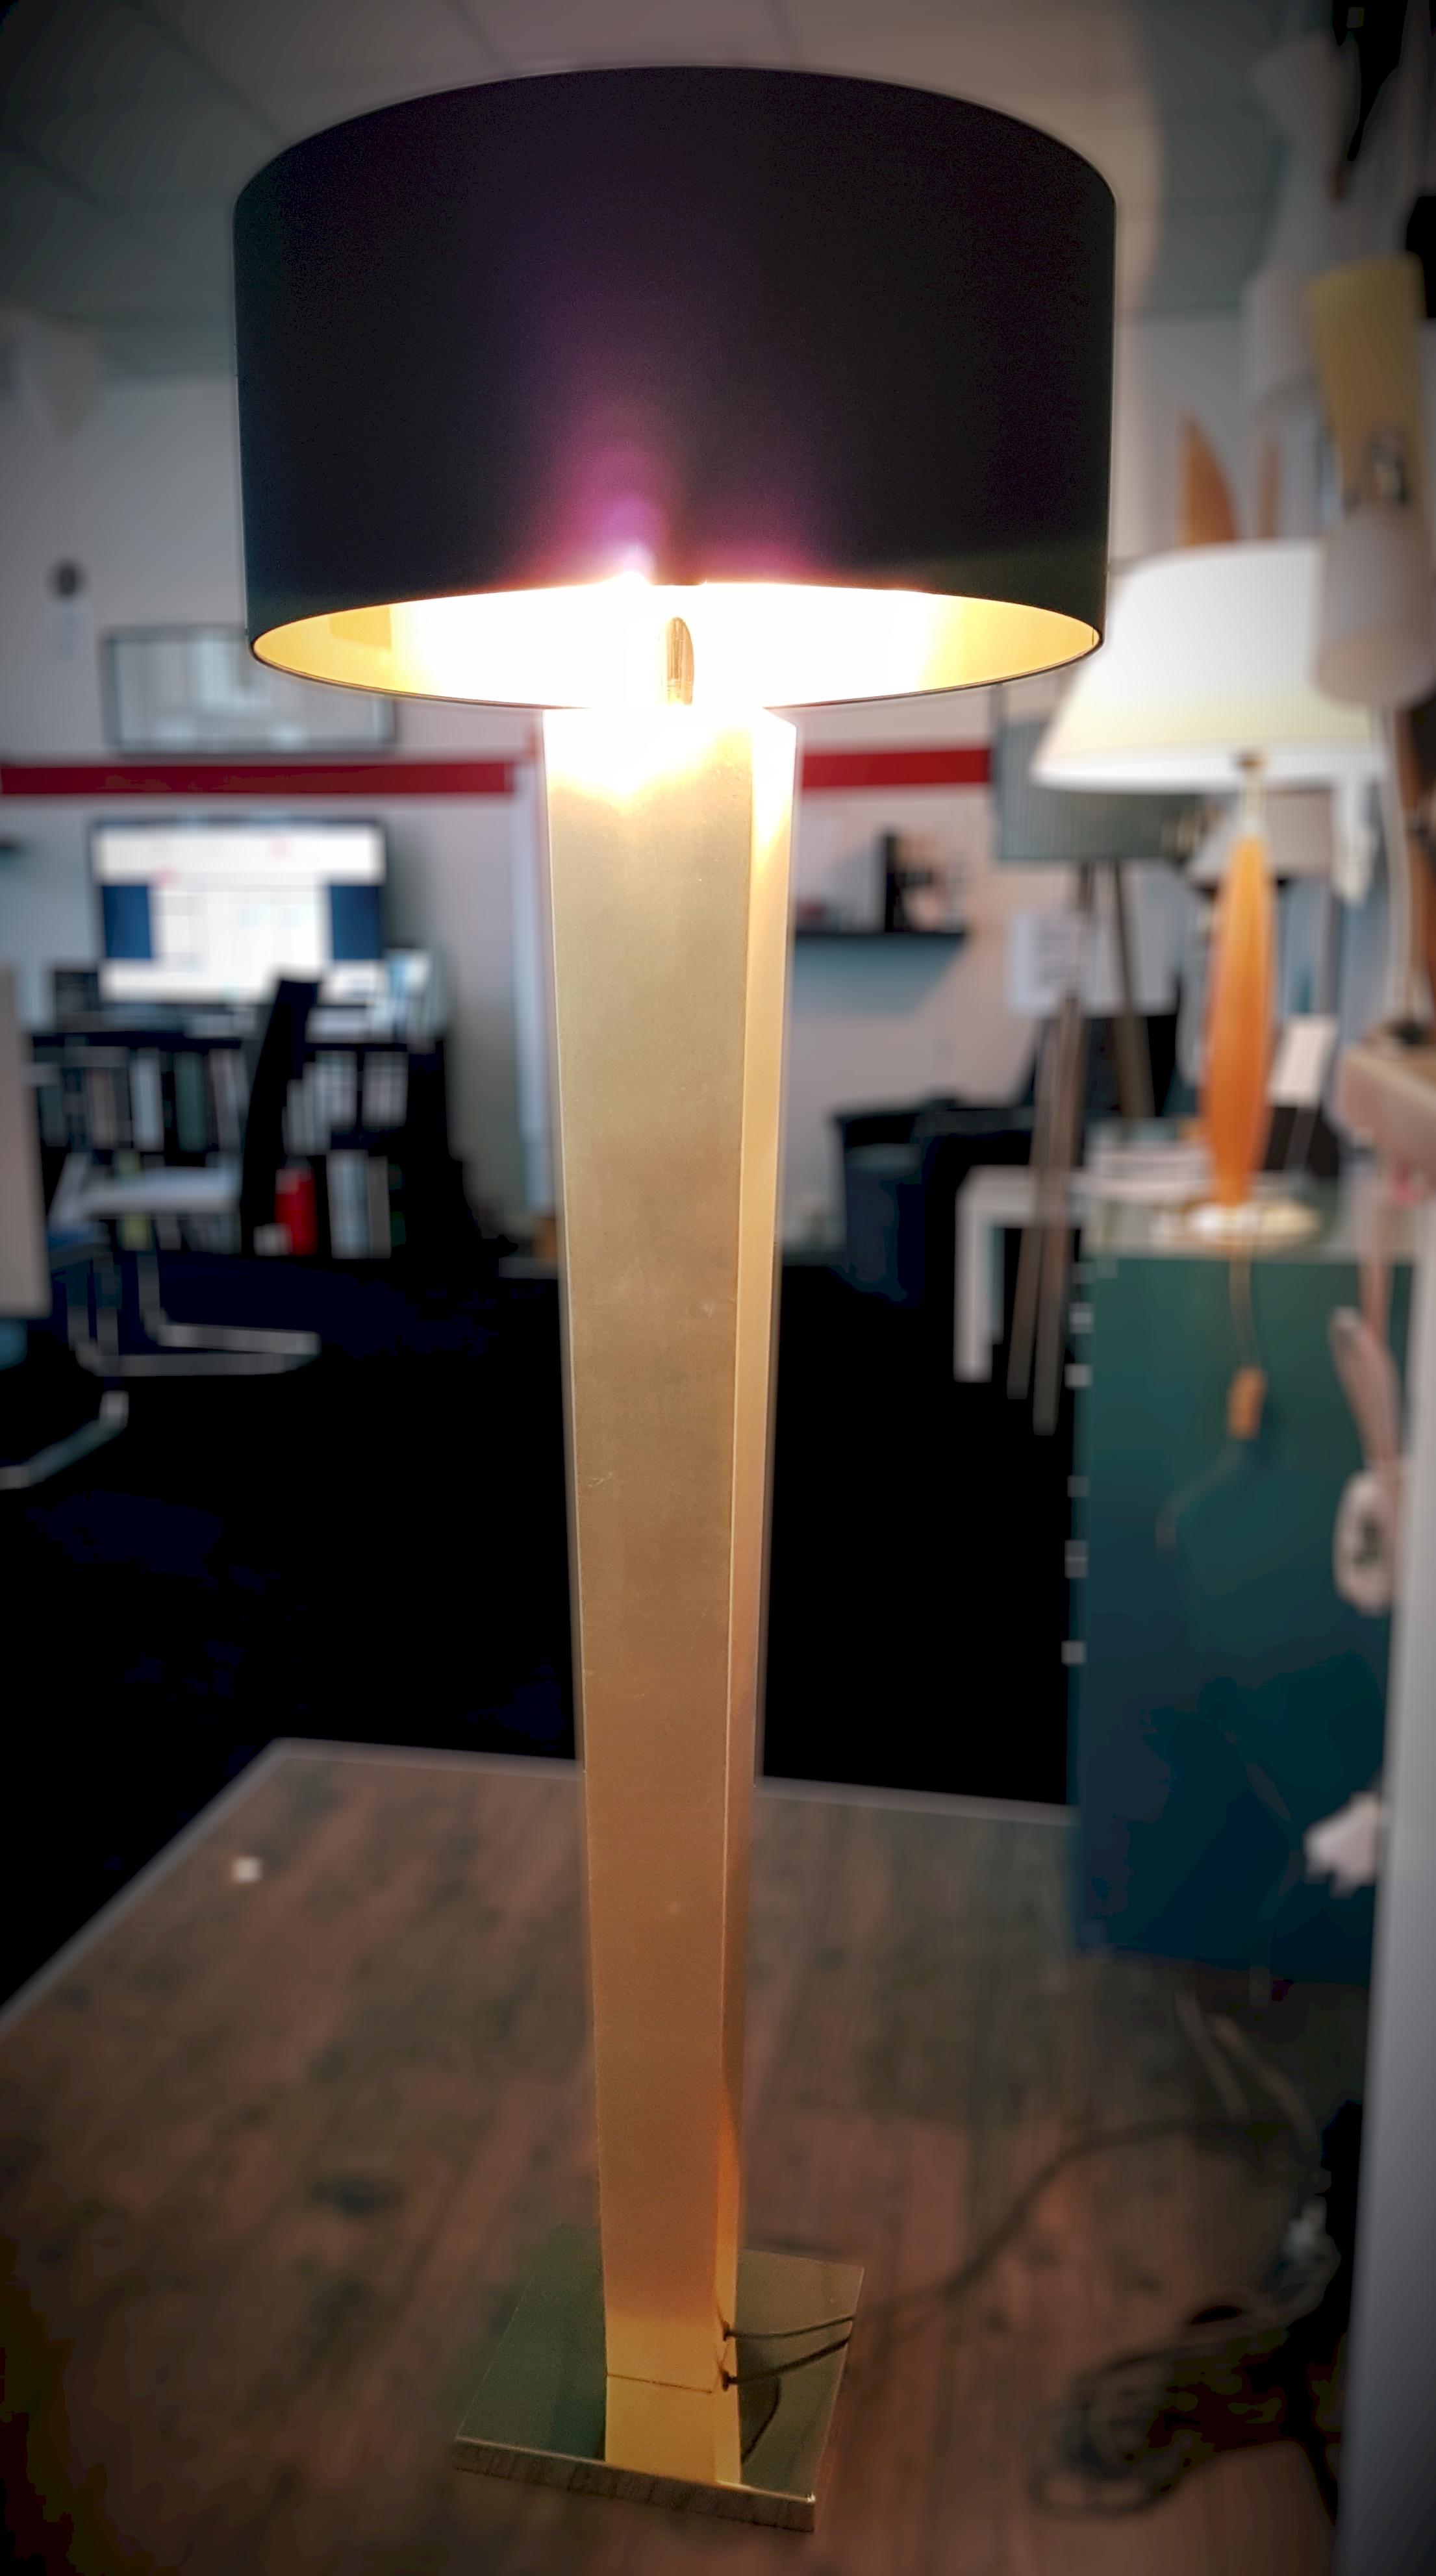 Fitz Leuchtenmanufaktur Artikel von Fitz Leuchtenmanufaktur Viva Slim XL Bodenleuchte - Ausstellungsstück - 2598/LS-555525